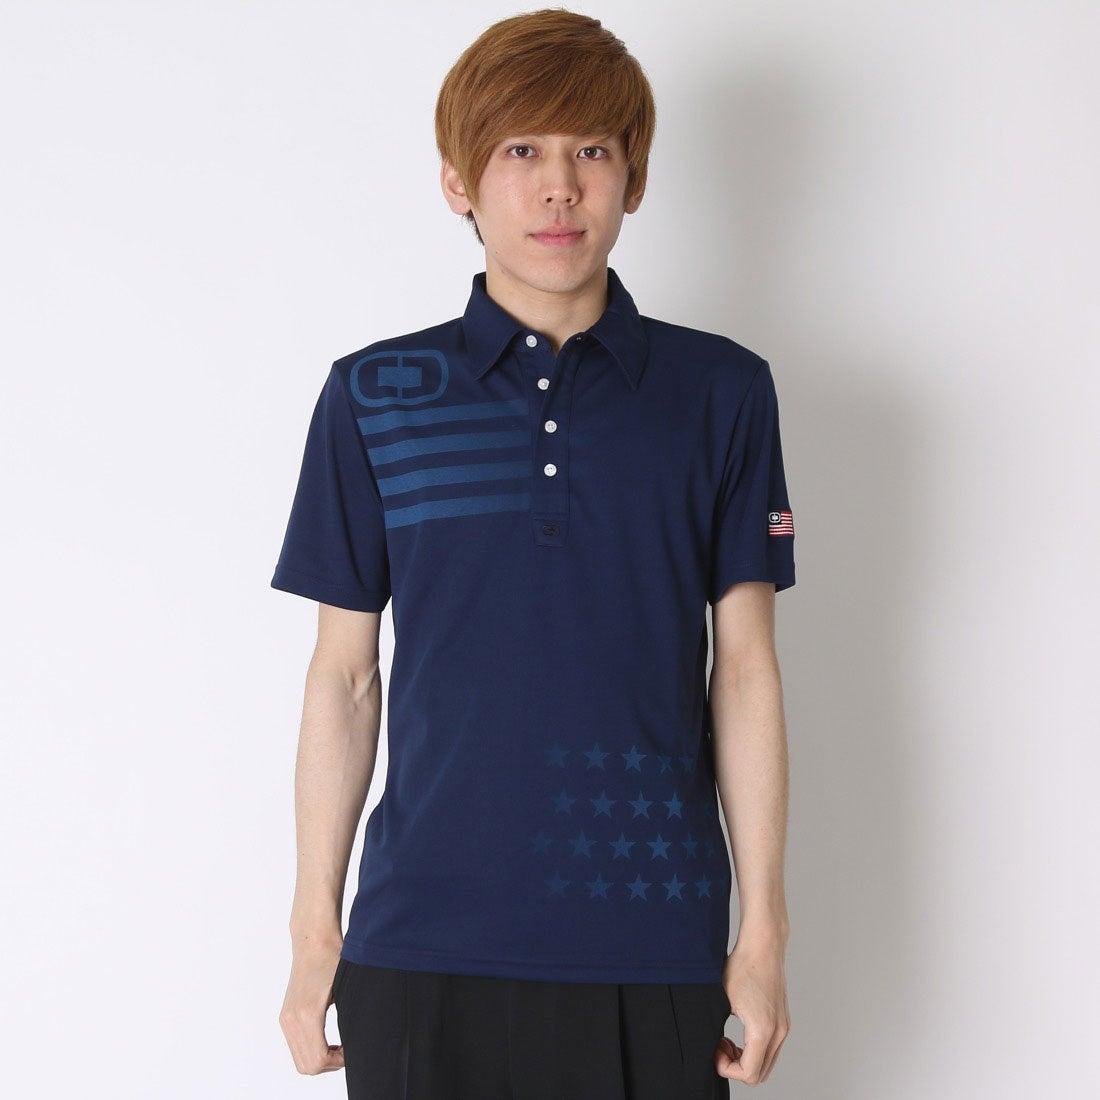 【SALE 60%OFF】【アウトレット】オジオ OGIO ゴルフシャツ  OG766-602P       (ネイビー) メンズ